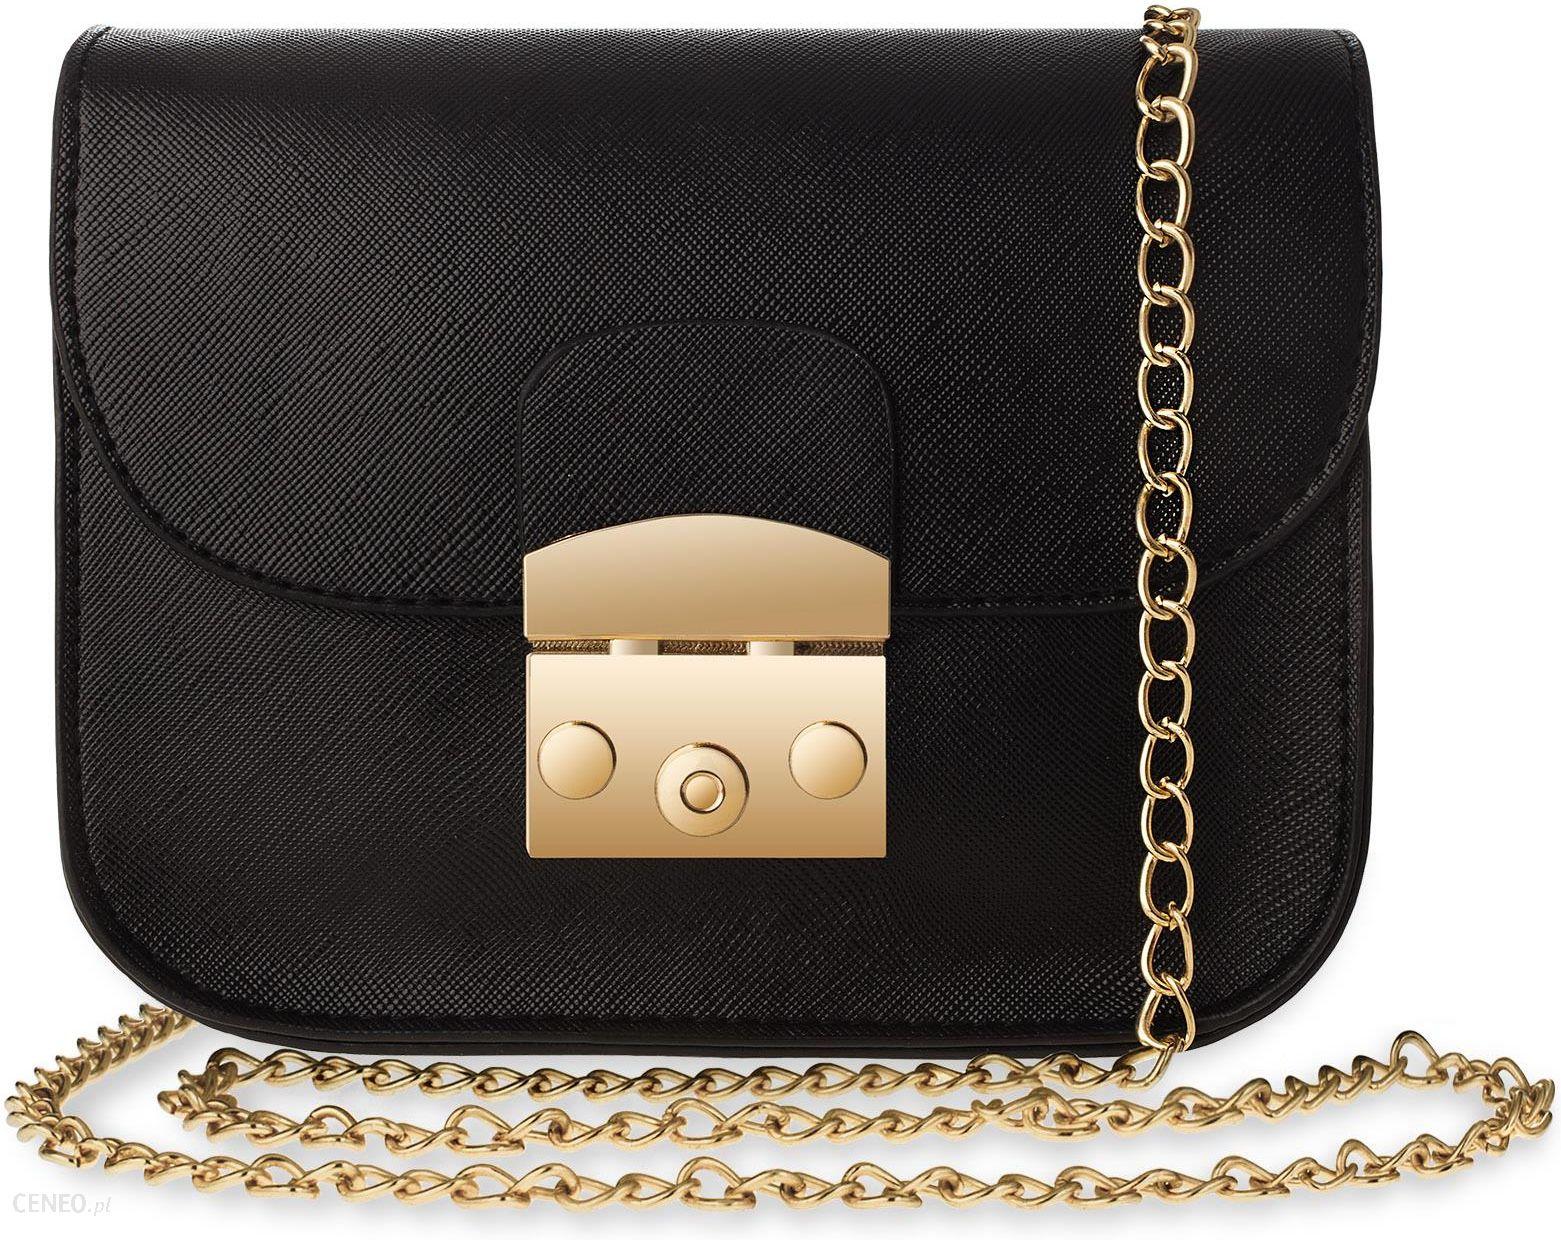 5077f490f2666 Elegancka klasyczna listonoszka sztywna torebka damska chanelka na  łańcuszku - czarny - zdjęcie 1